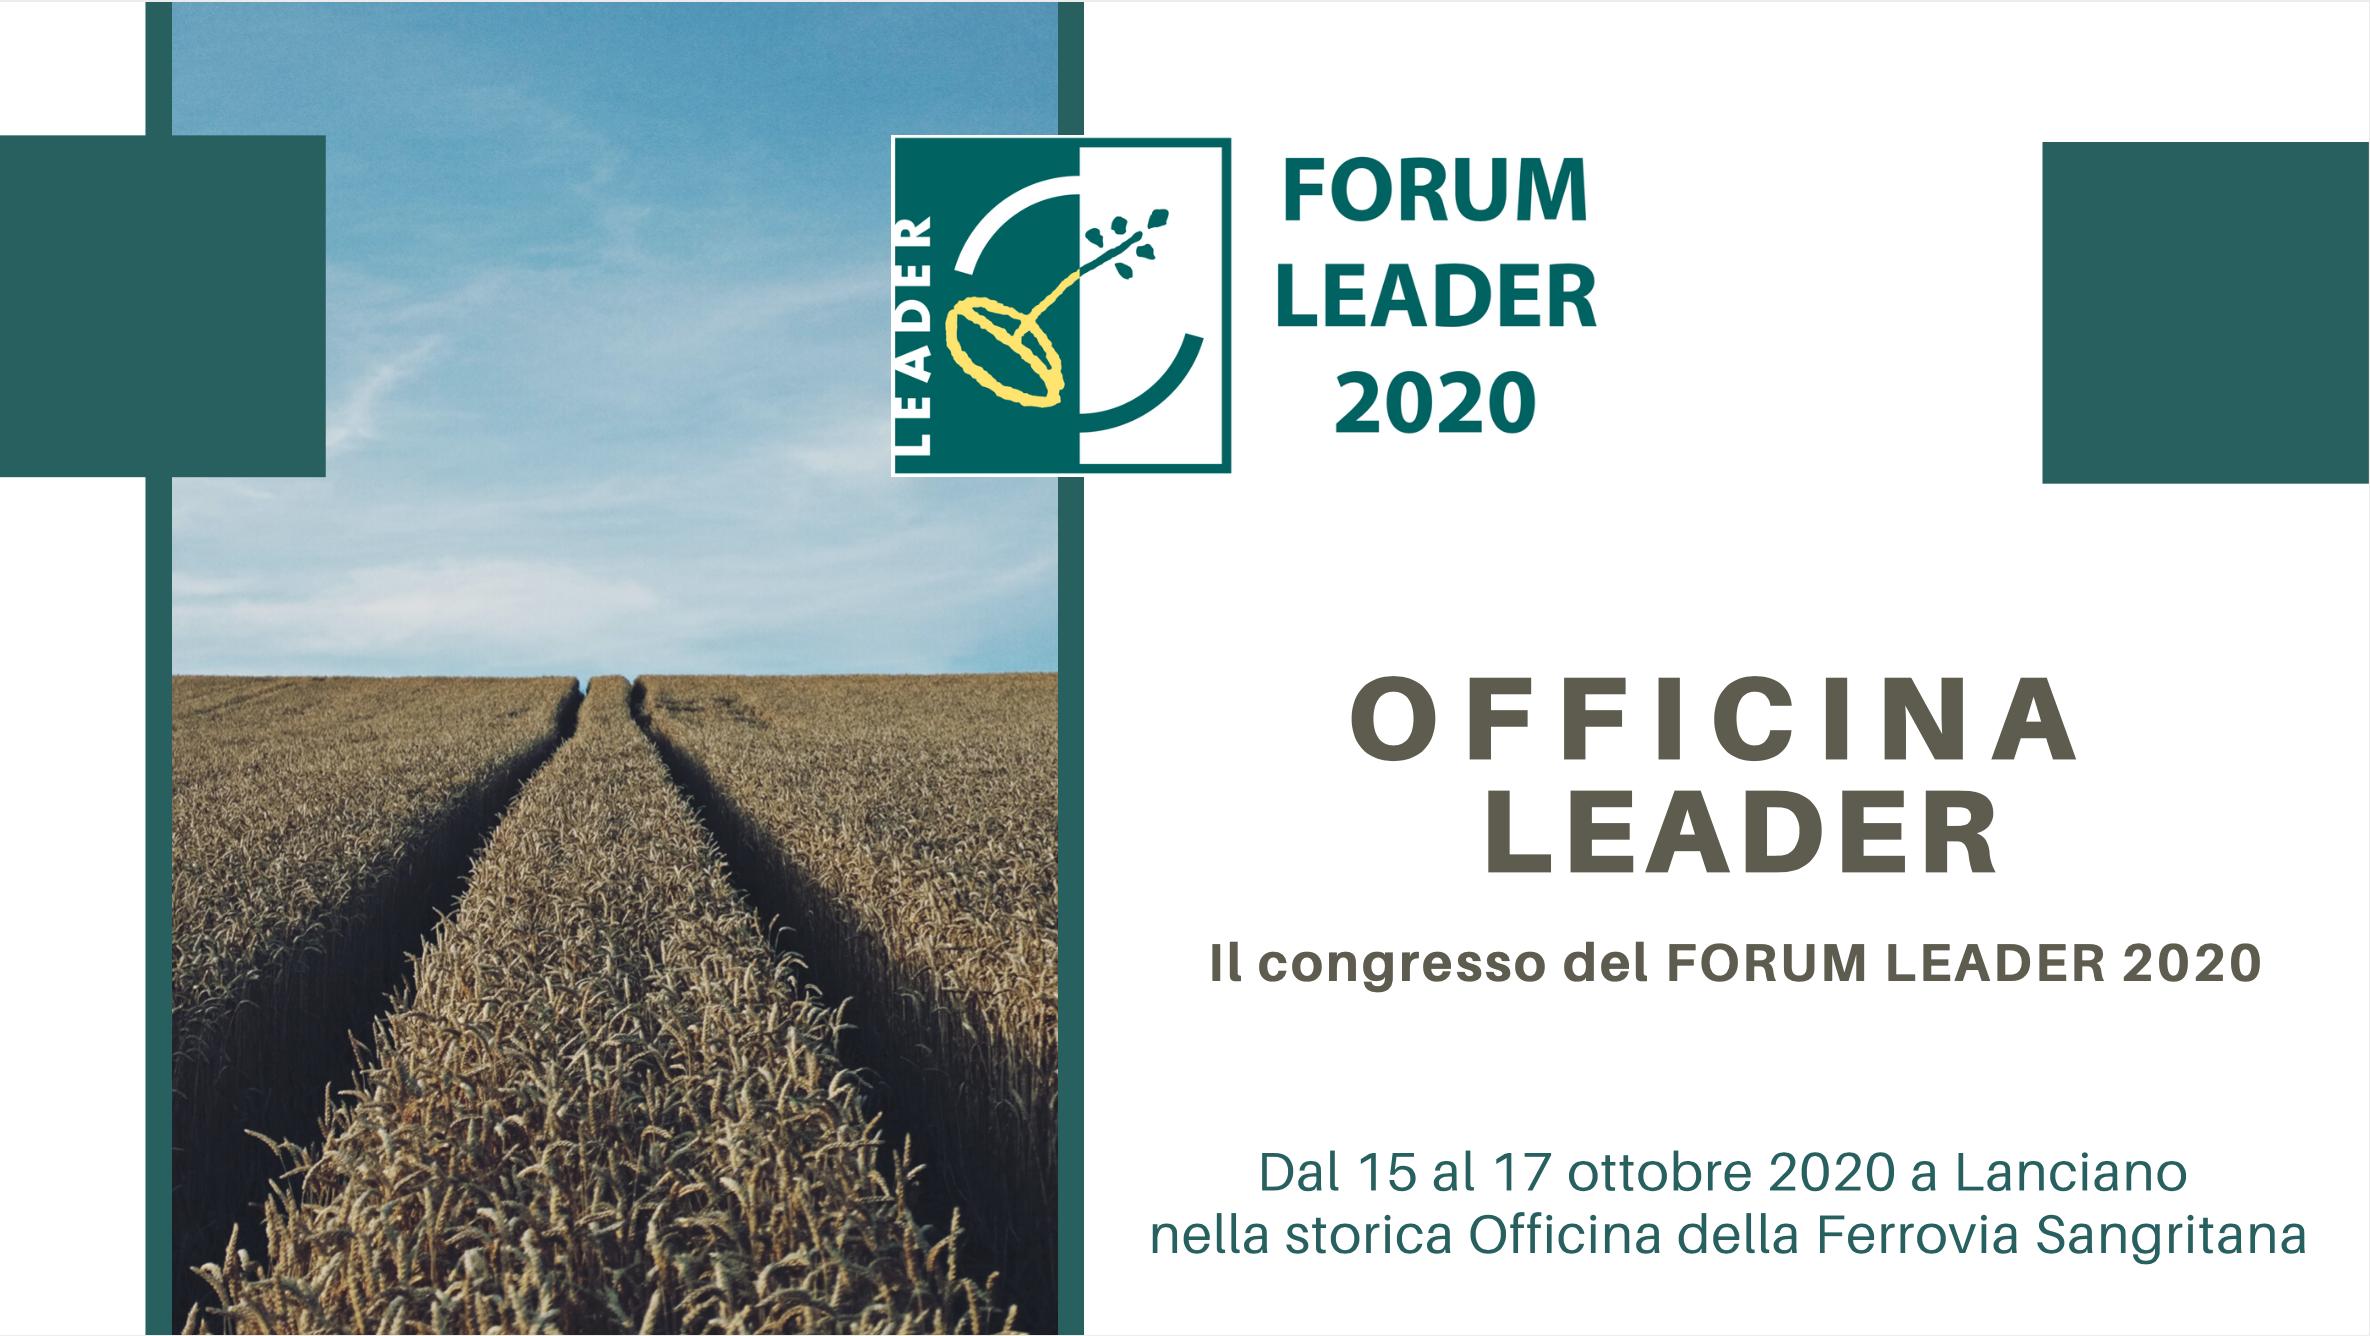 OFFICINA LEADER, il congresso del FORUM LEADER 2020: guida e programma